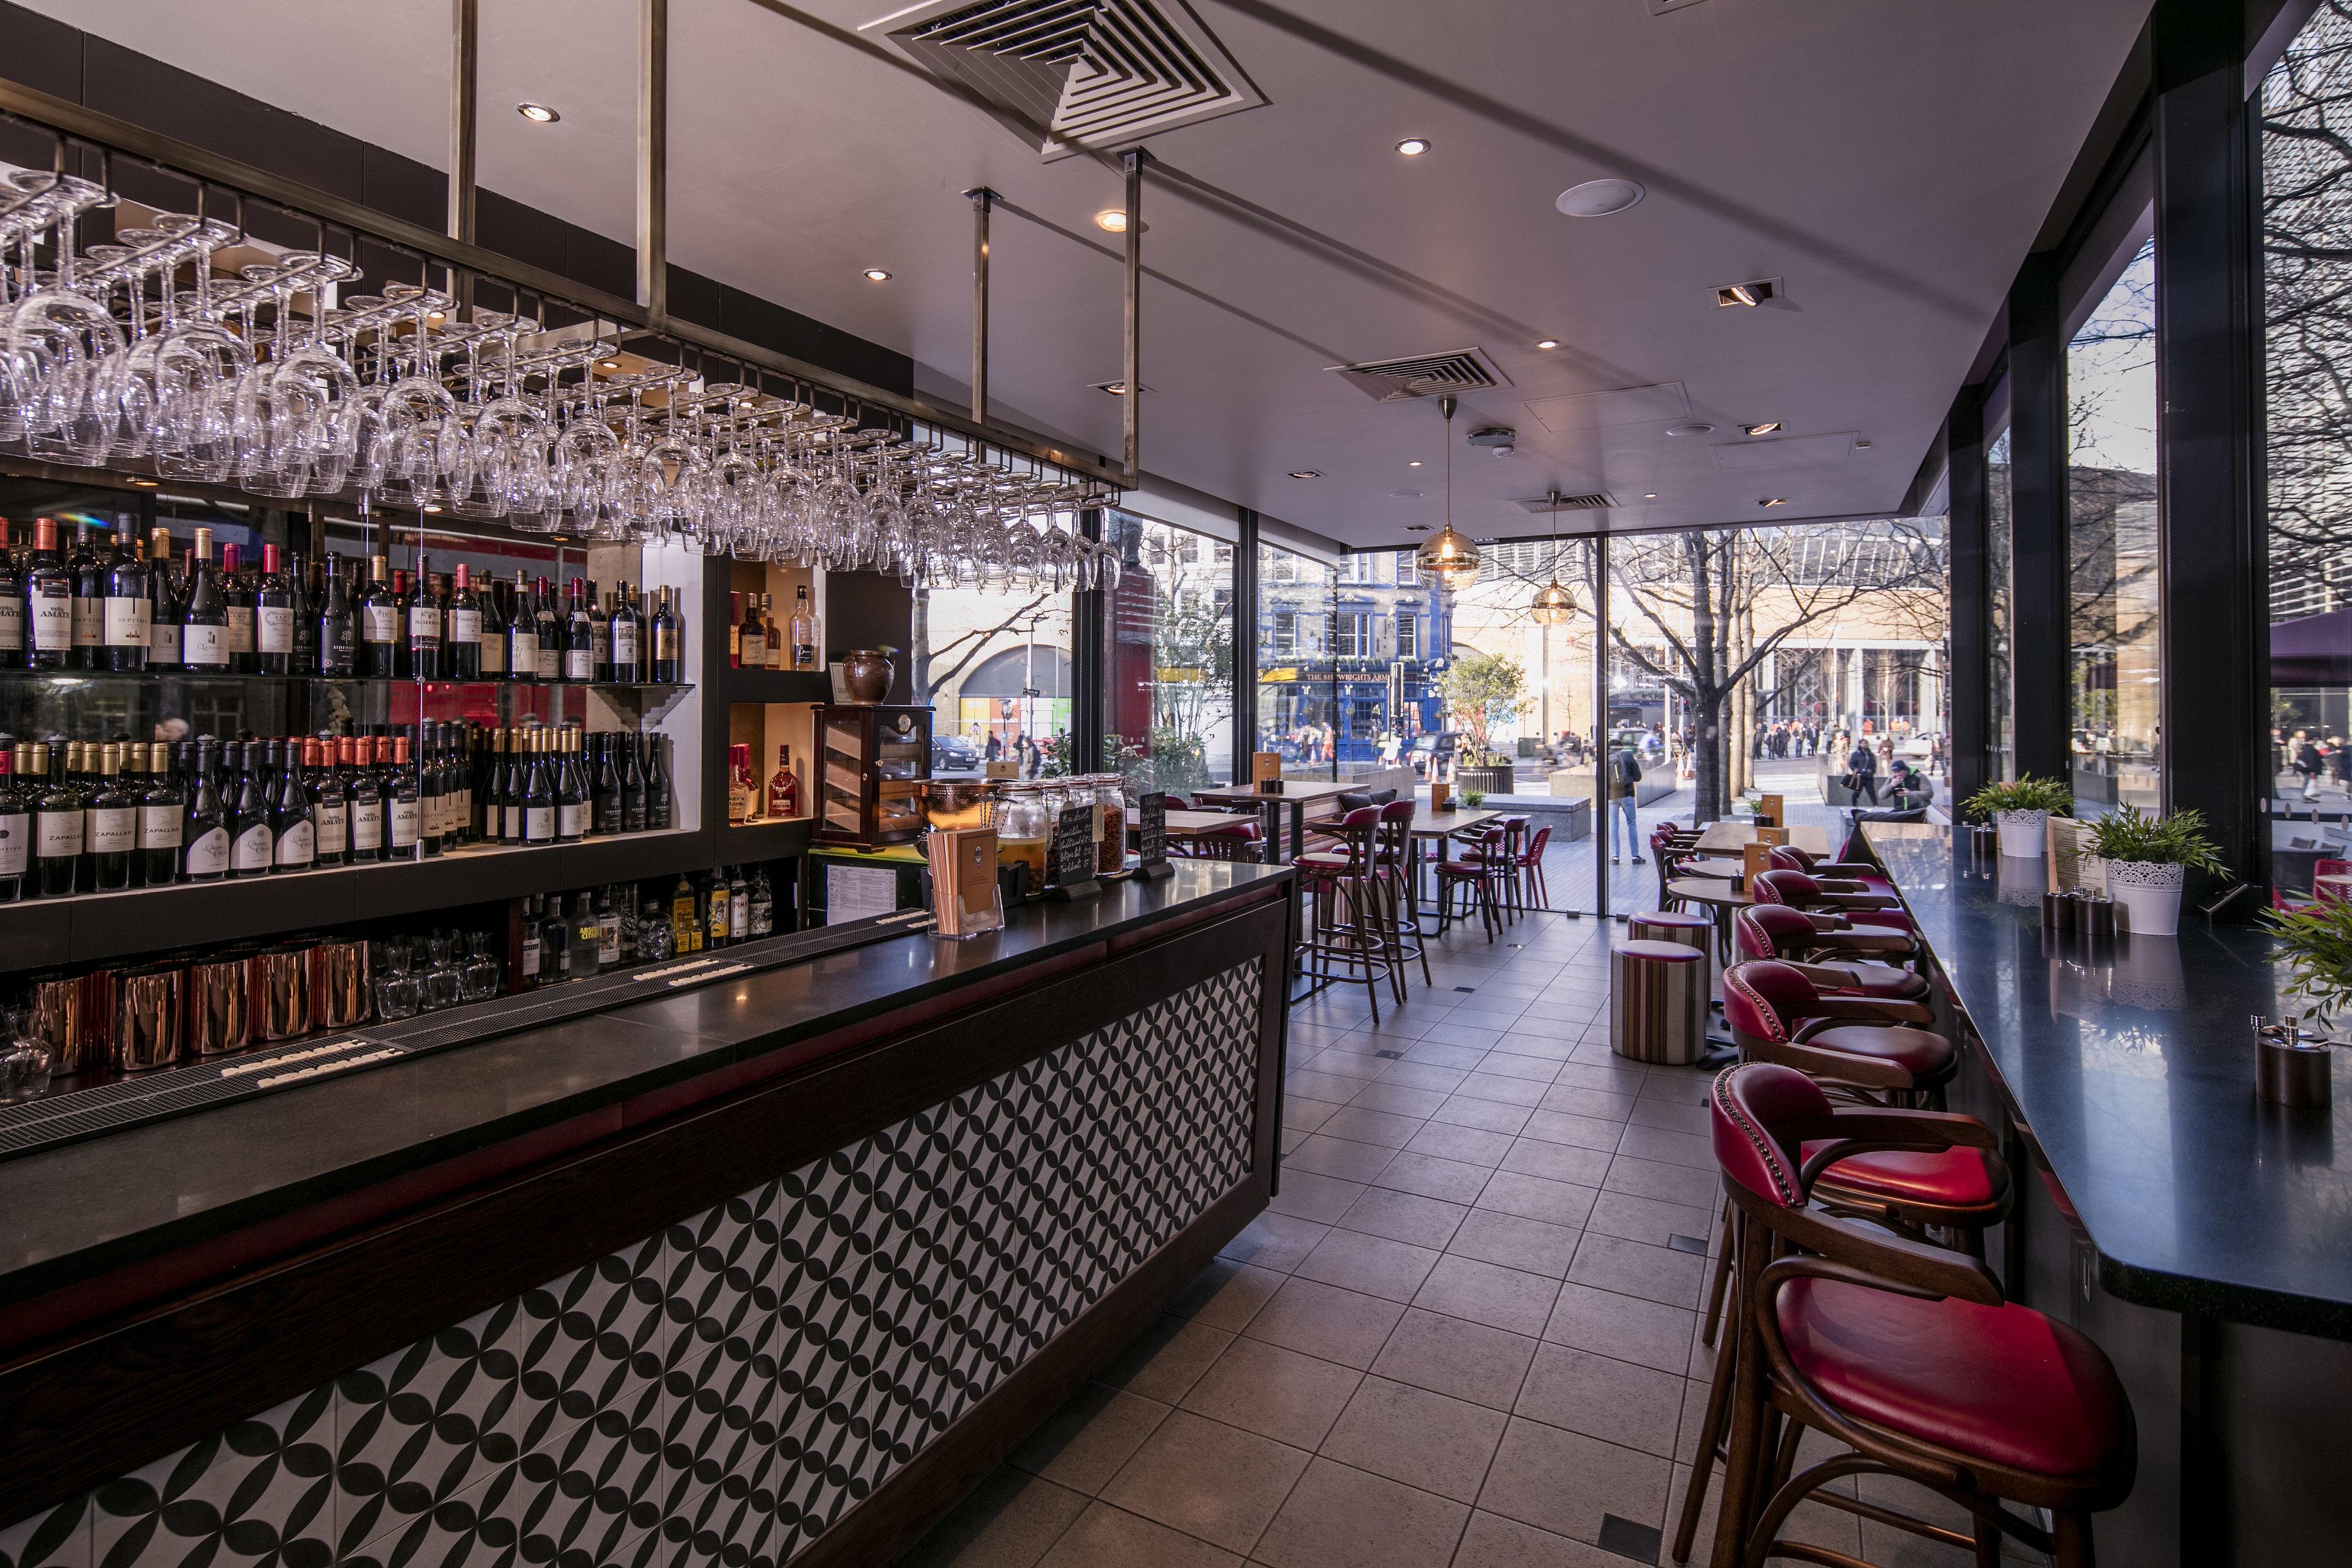 Best Bars near London Bridge London | Best London Bridge